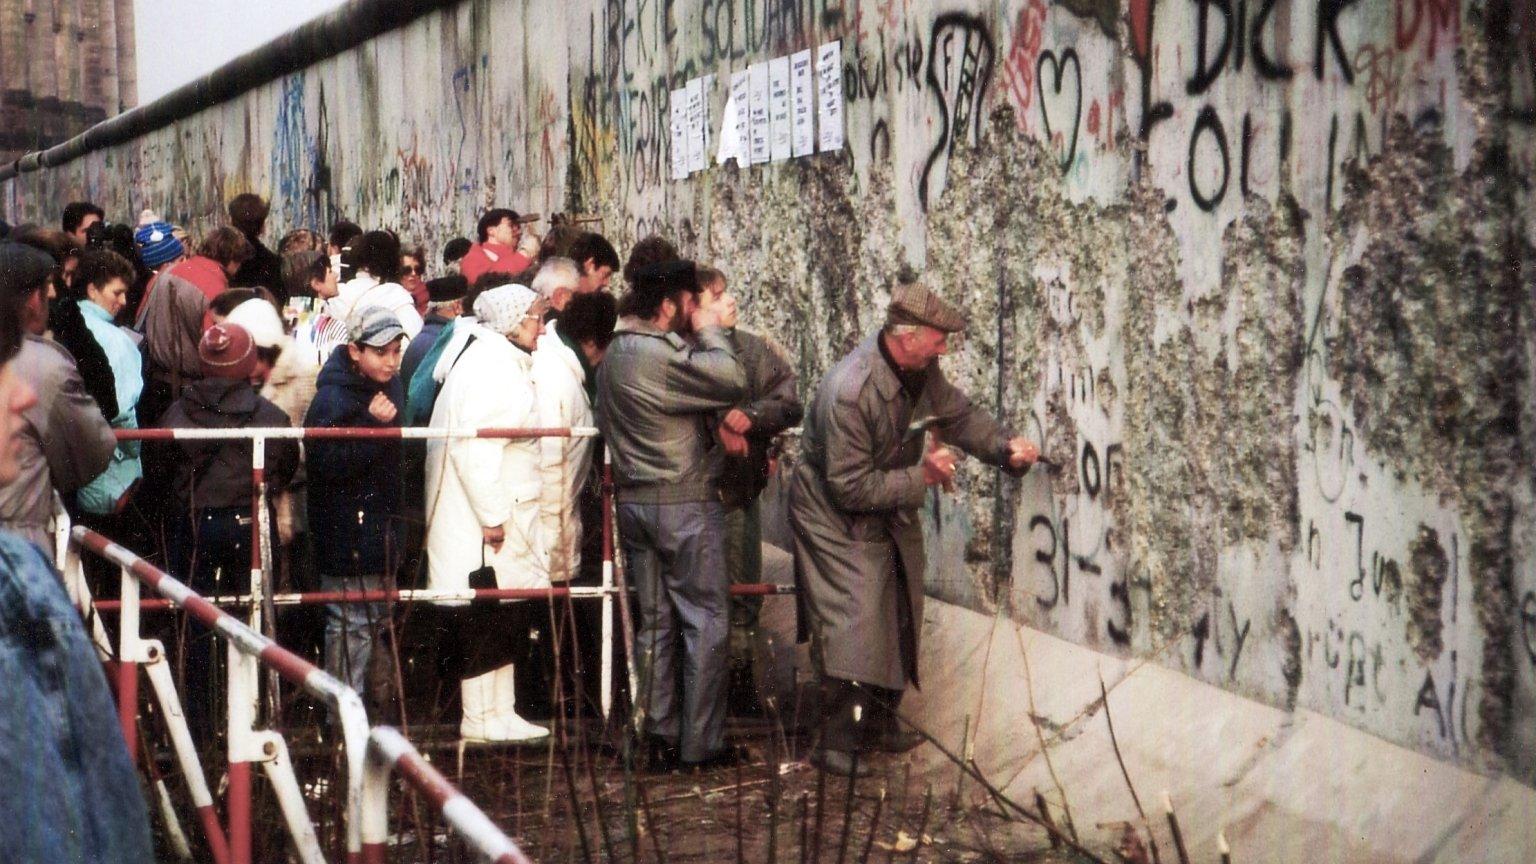 Gdy ktoś chciał sforsować mur berliński, rozkaz był jeden - strzelać